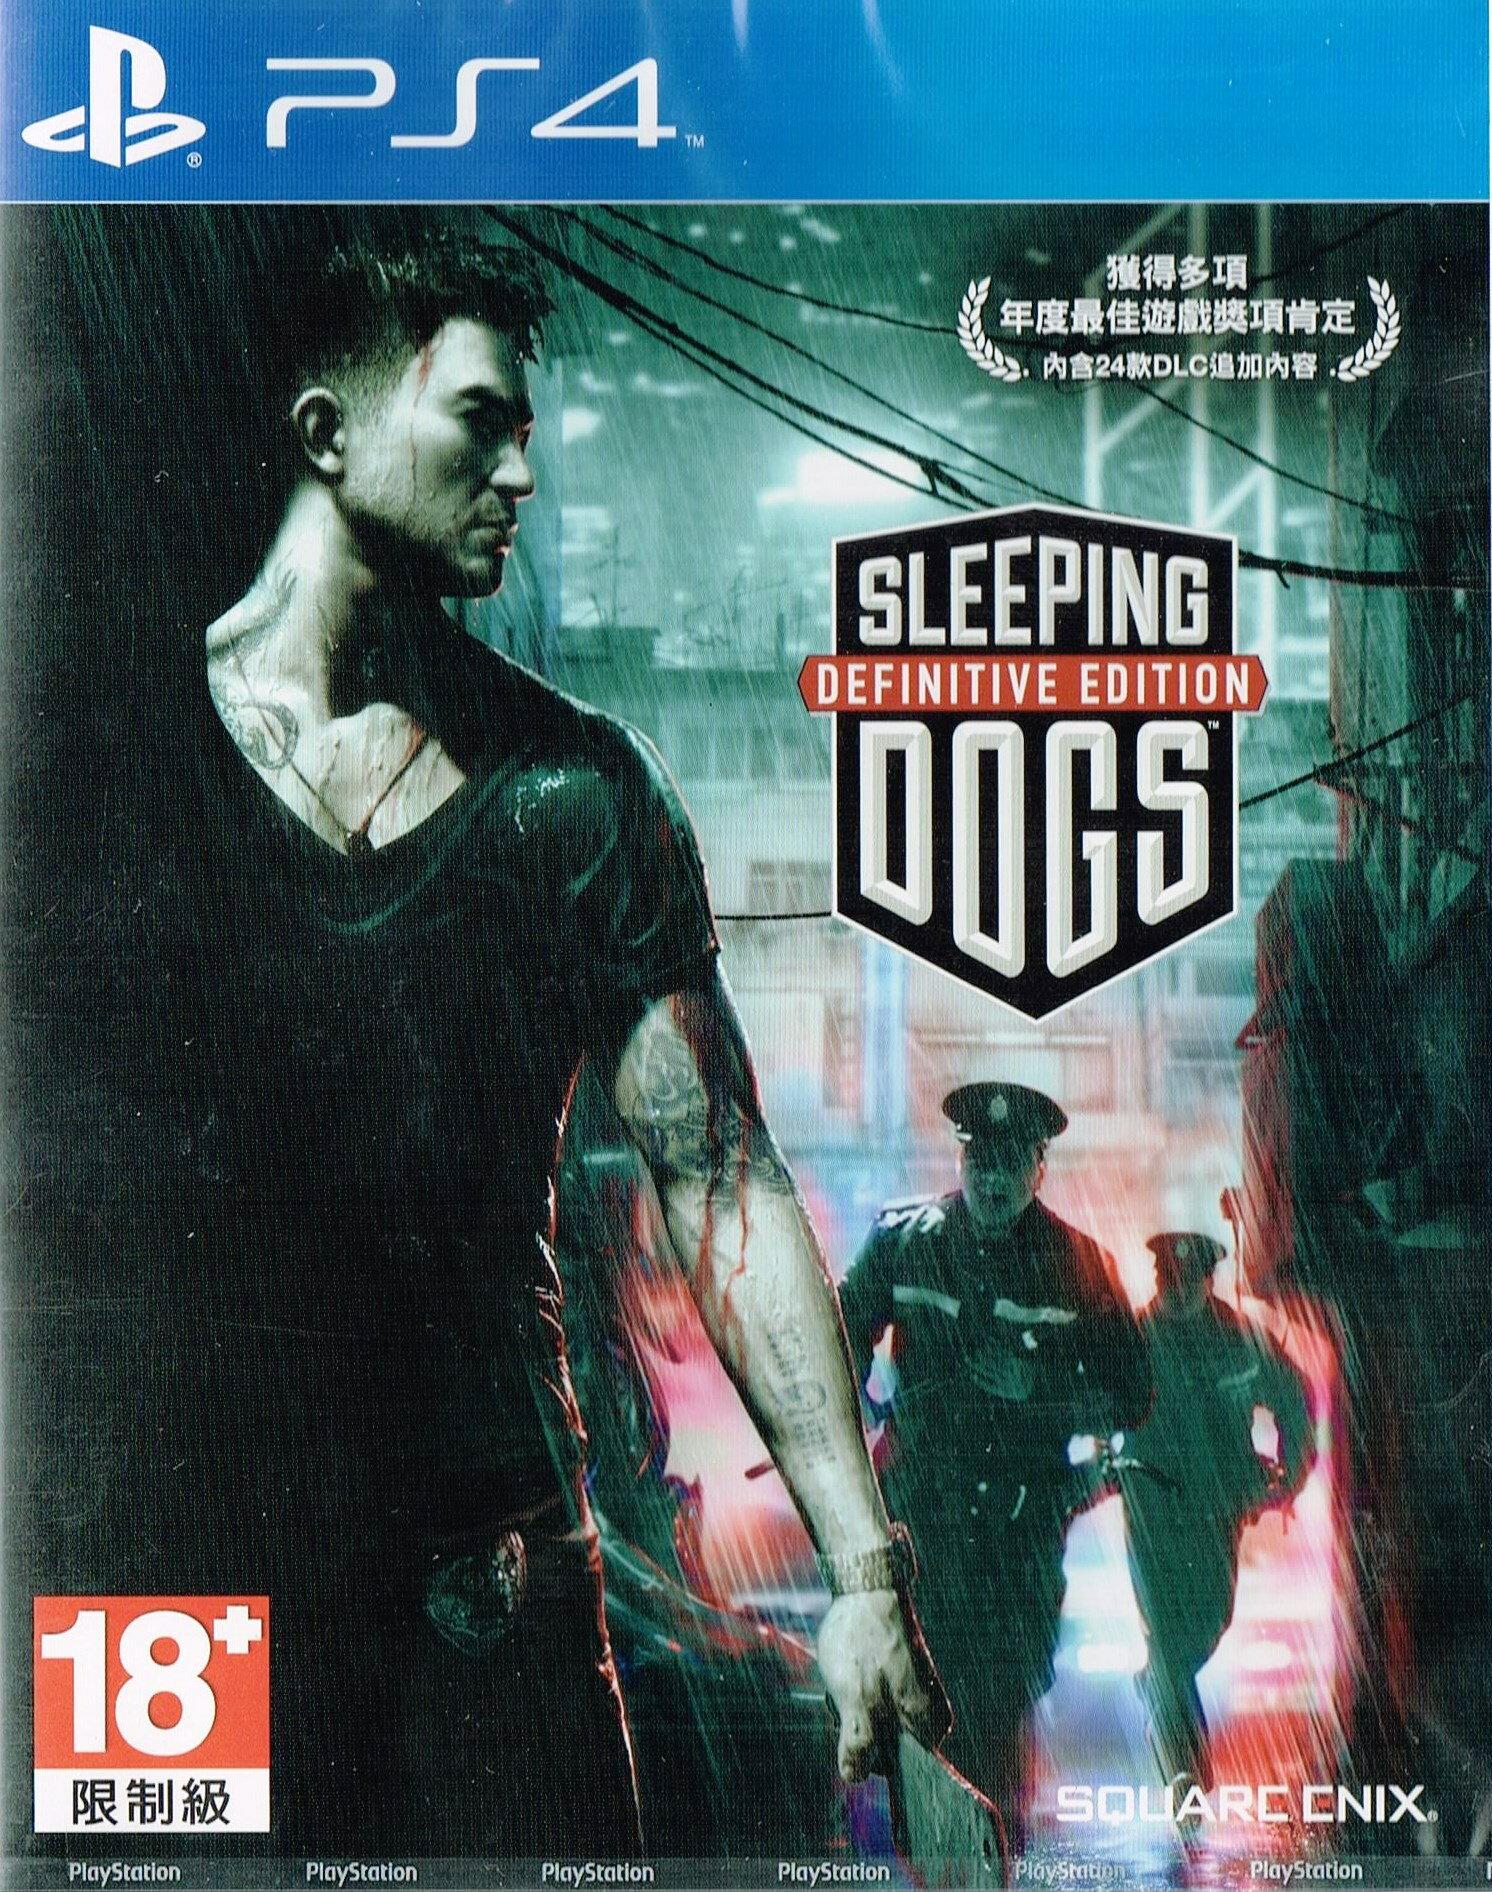 現貨供應中 亞洲中文版 [限制級] PS4 香港秘密警察 決定版 / 睡犬 決定版